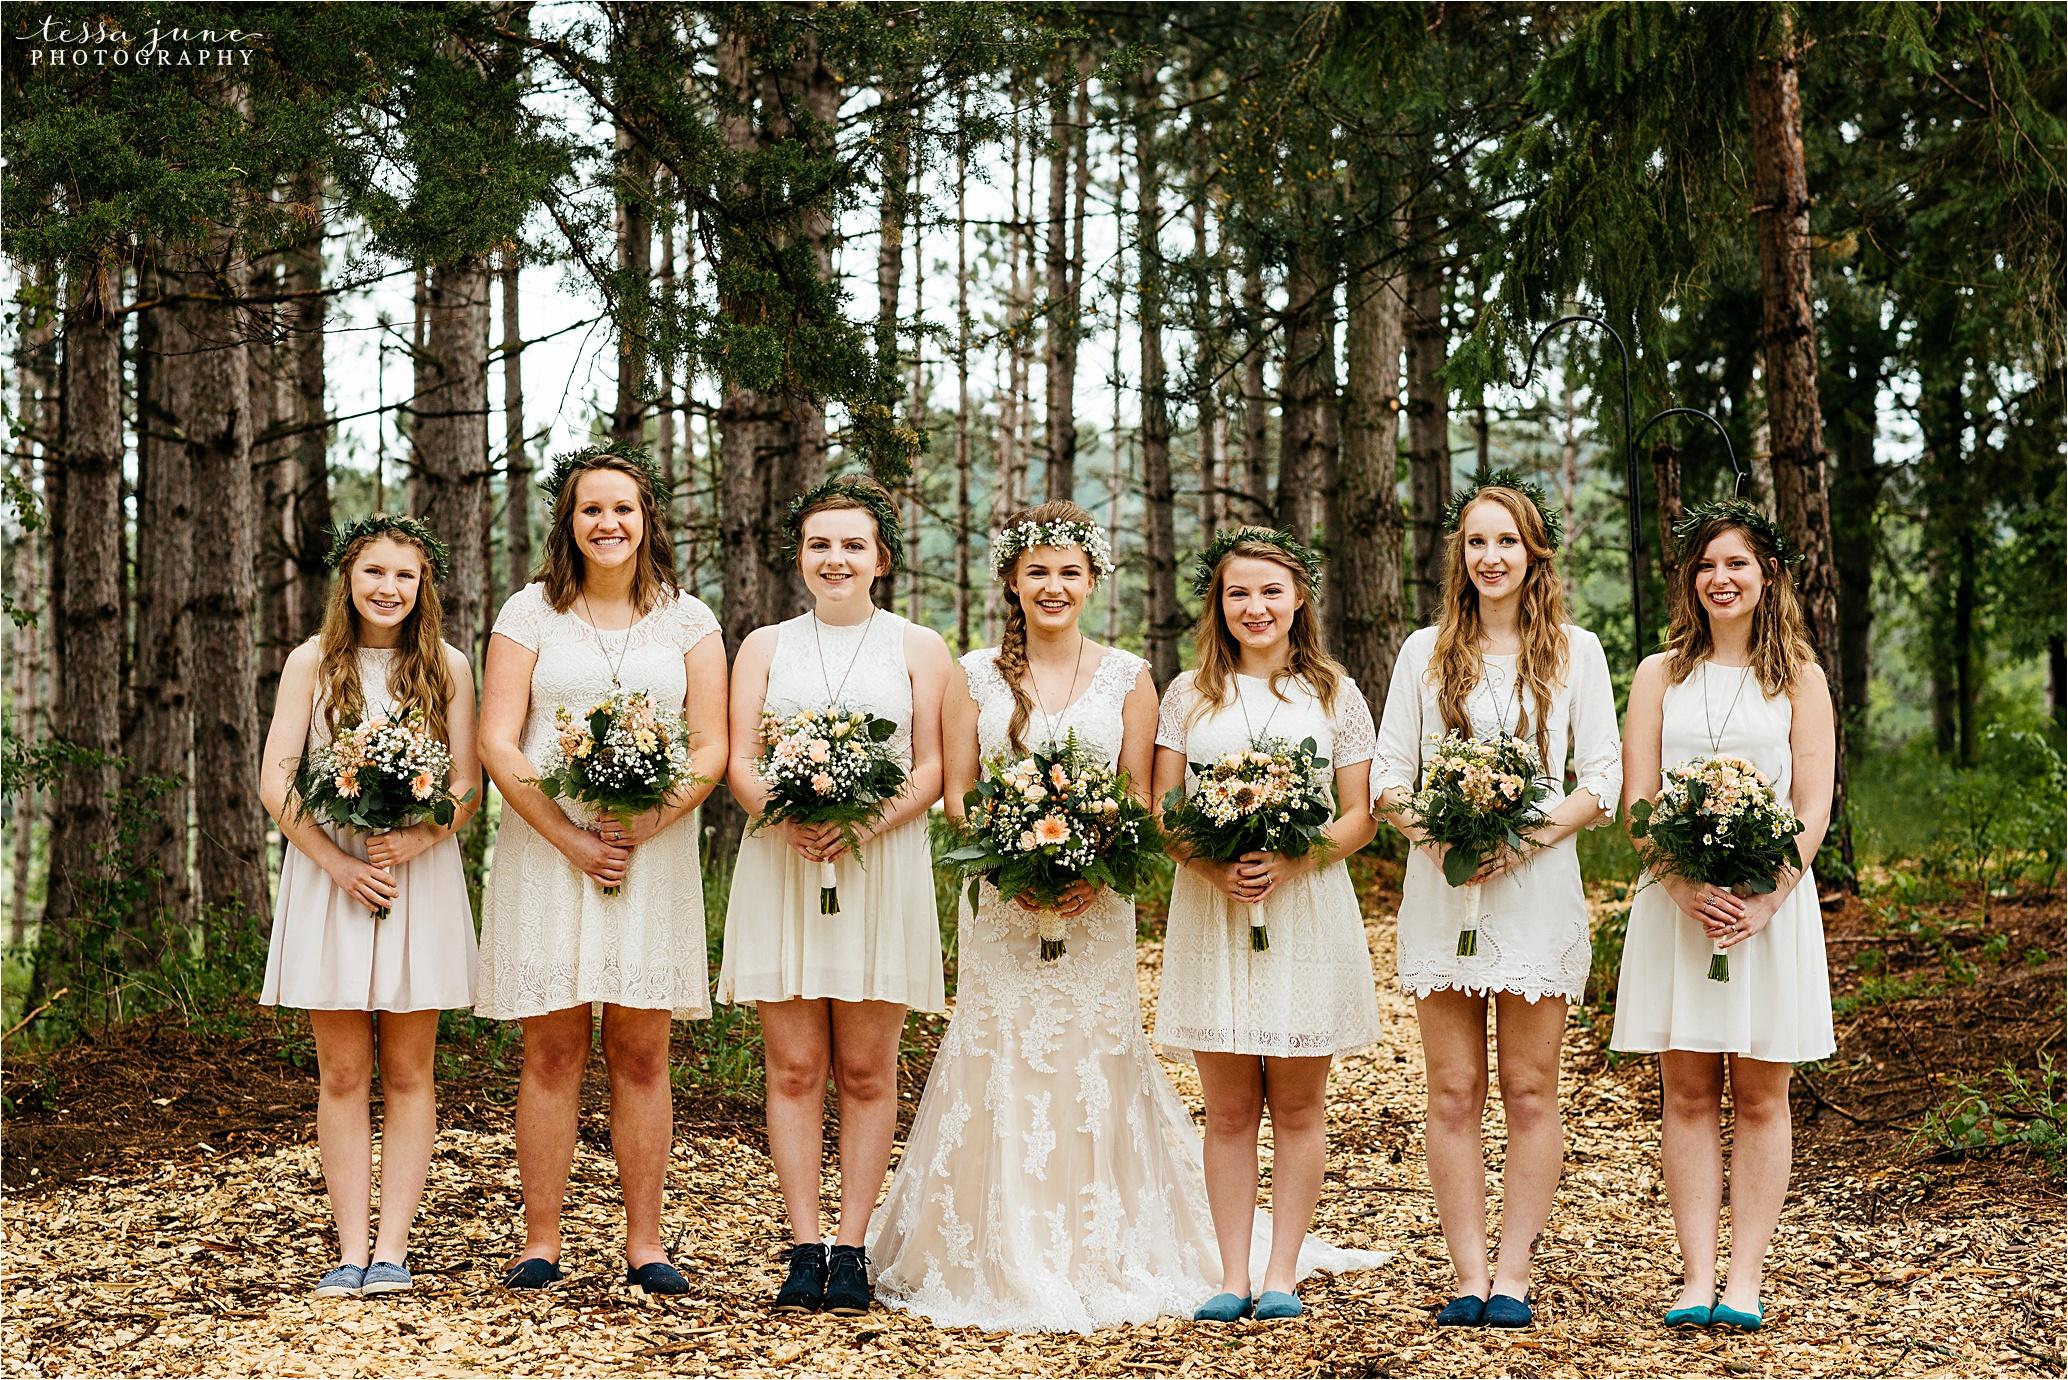 bohemian-forest-wedding-stillwater-minnesota-flower-crown-st-cloud-photographer-bridemaids